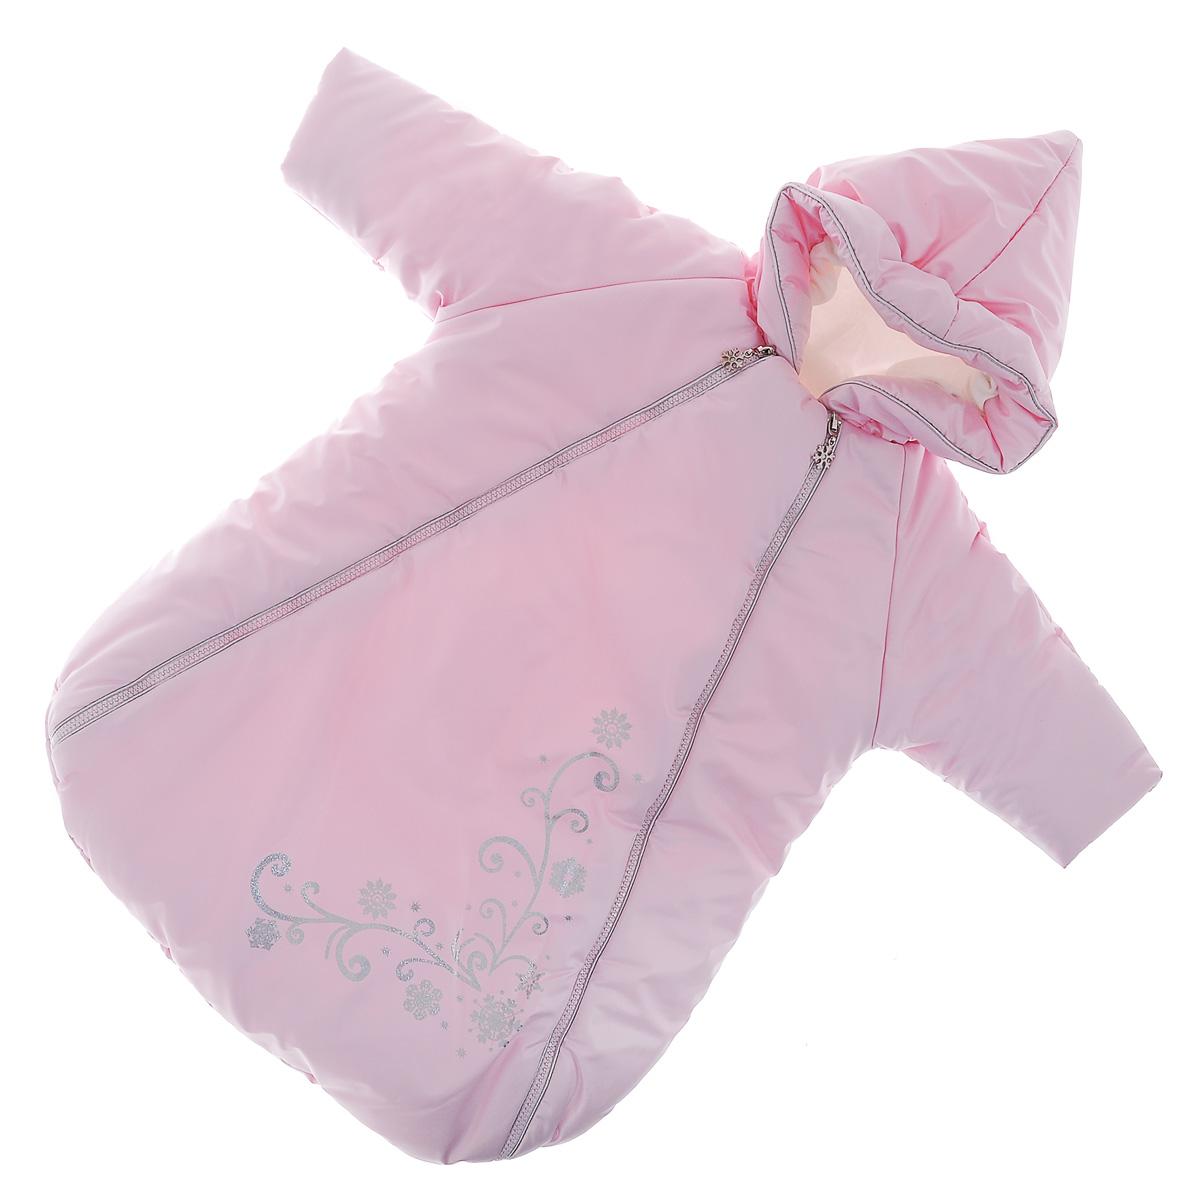 977/0Теплый конверт для новорожденного Сонный гномик Снежинка идеально подойдет для ребенка в холодное время года. Конверт изготовлен из водоотталкивающей и ветрозащитной ткани Dewspo (100% полиэстер) на подкладке из шерсти с добавлением полиэстера. В качестве утеплителя используется шелтер (100% полиэстер). Шелтер (Shelter) - утеплитель нового поколения с тонкими волокнами. Его более мягкие ячейки лучше удерживают воздух, эффективнее сохраняя тепло. Более частые связи между волокнами делают утеплитель прочным и позволяют сохранить его свойства даже после многократных стирок. Утеплитель шелтер максимально защищает от холода и не стесняет движений. Конверт с капюшоном и рукавами-реглан спереди застегивается на две длинные застежки-молнии, а также клапаном на липучку под подбородком. Капюшон не отстегивается и присборен по краю на эластичную резинку. Рукава дополнены внутренними эластичными манжетами и отворотами. Подкладка рукавов для большего комфорта дополнена мягким теплым...